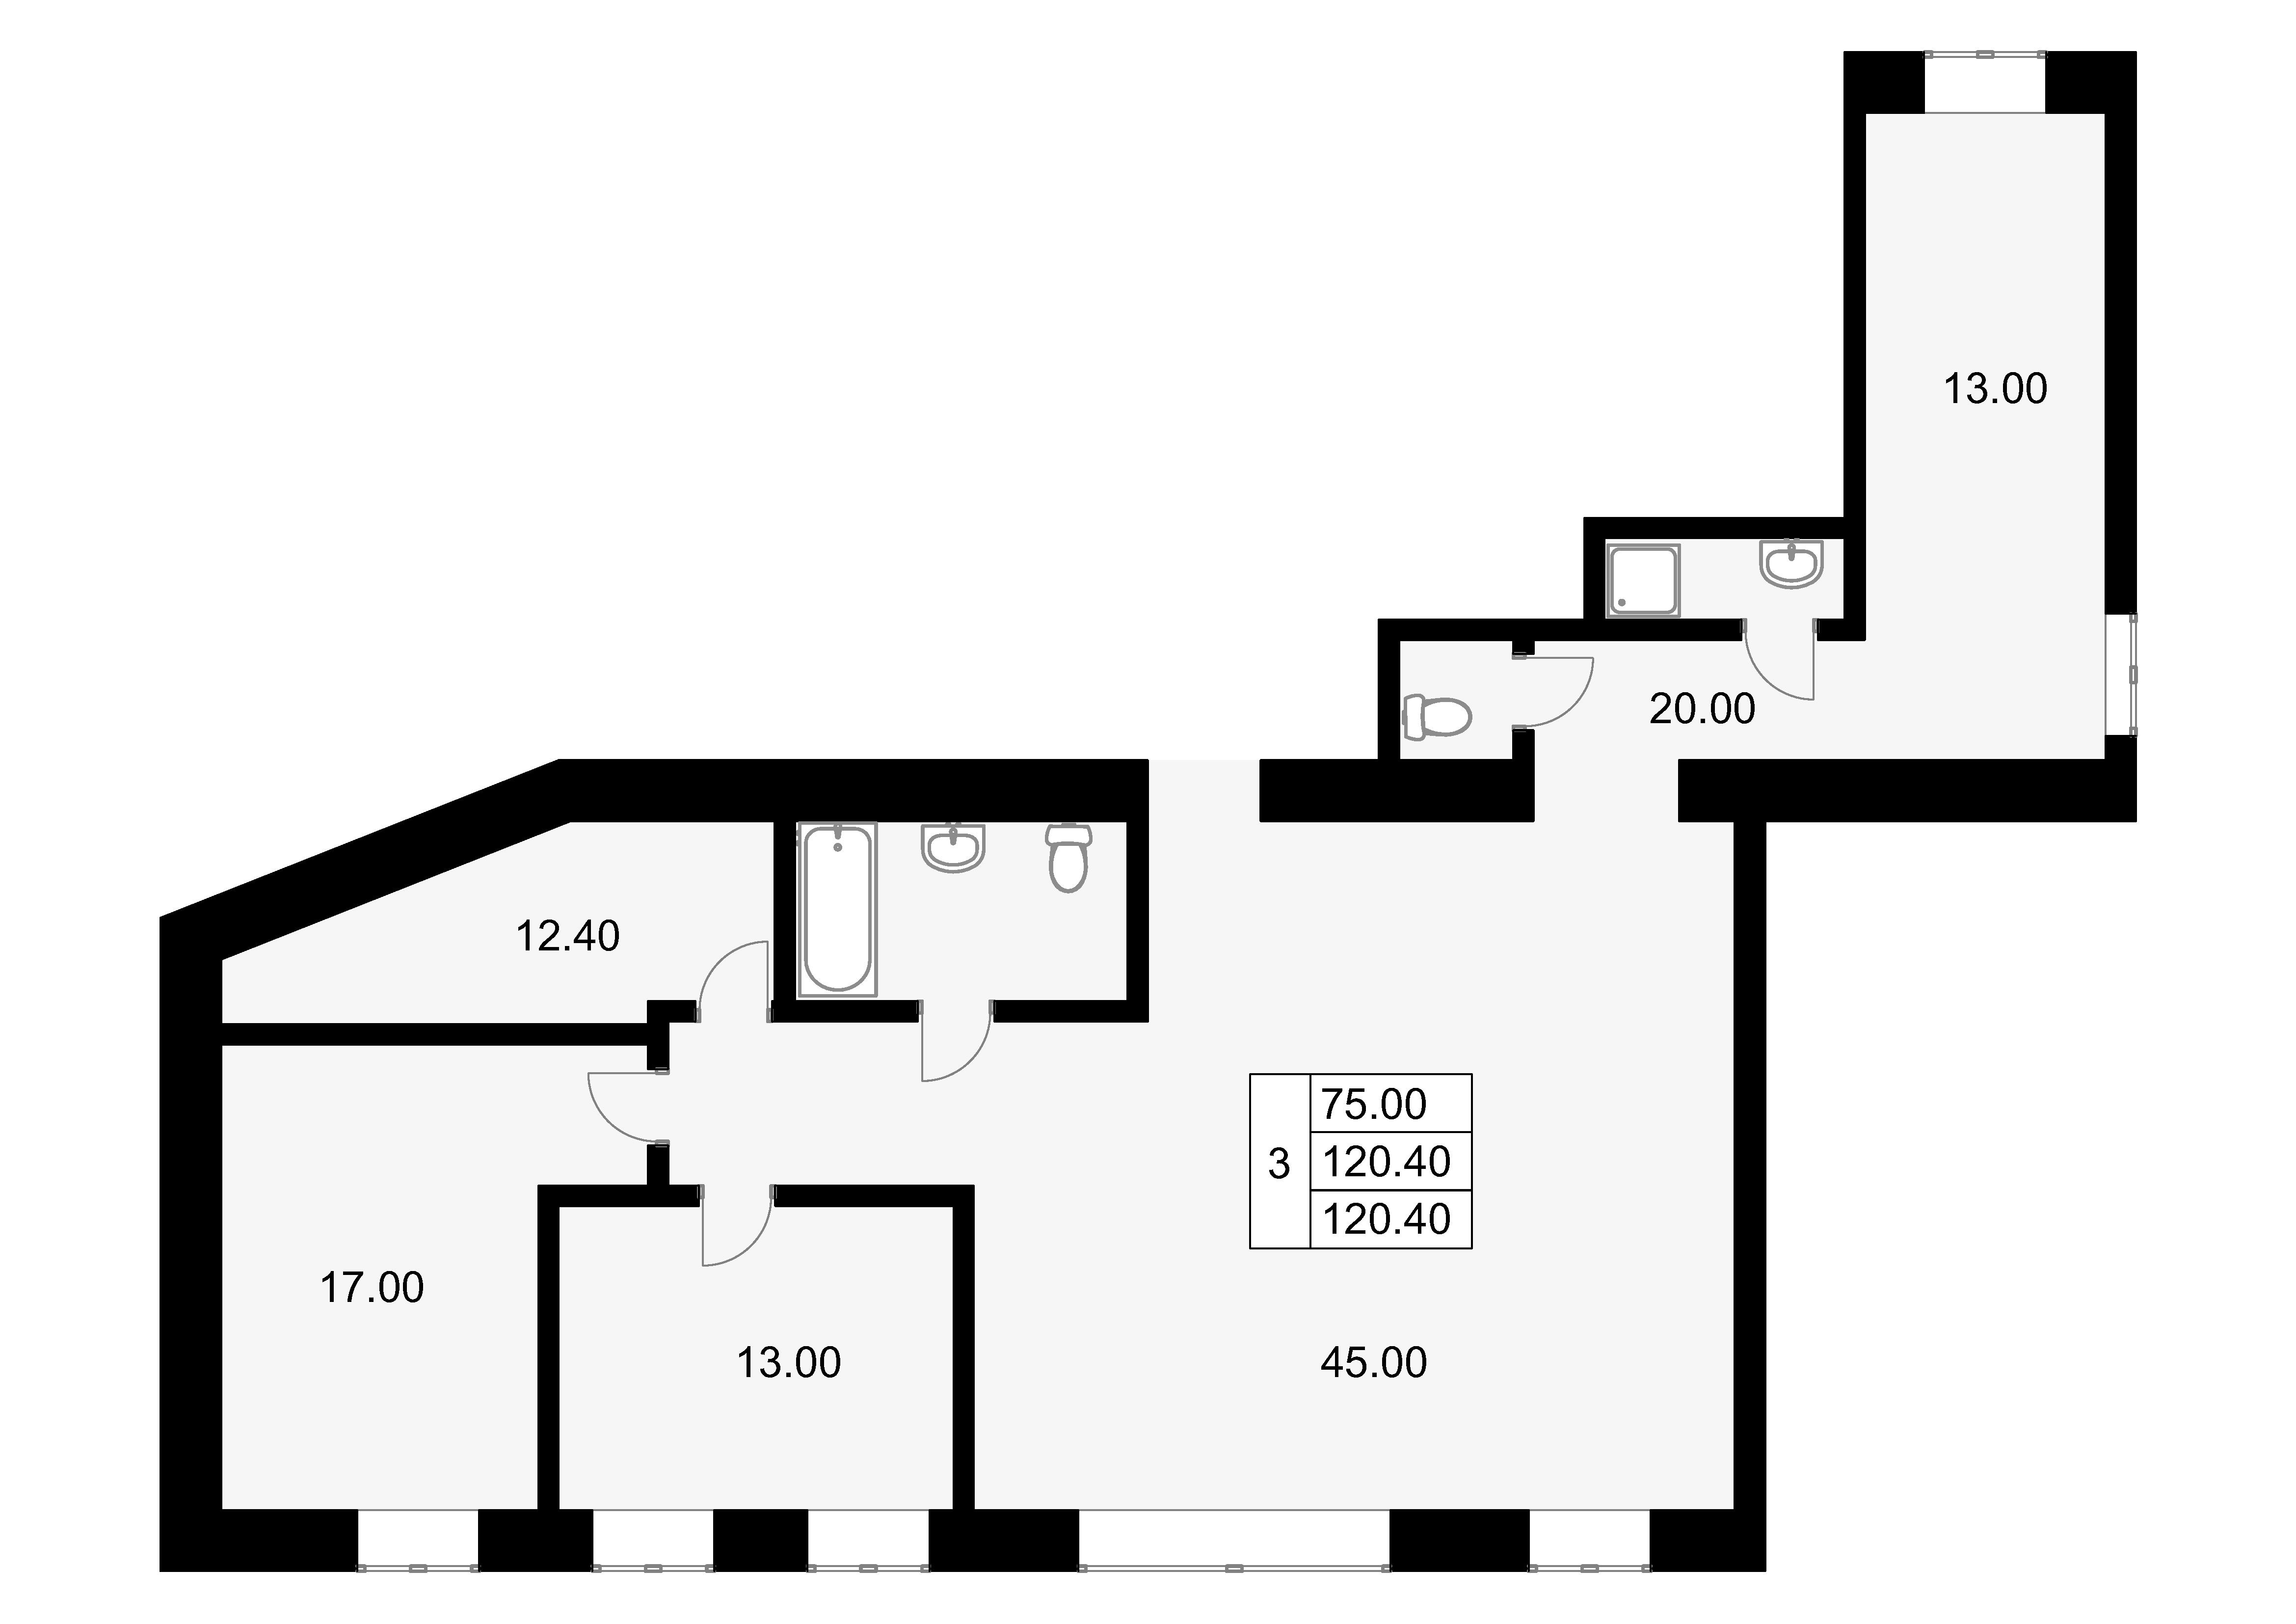 3-к.кв, 120.4 м²